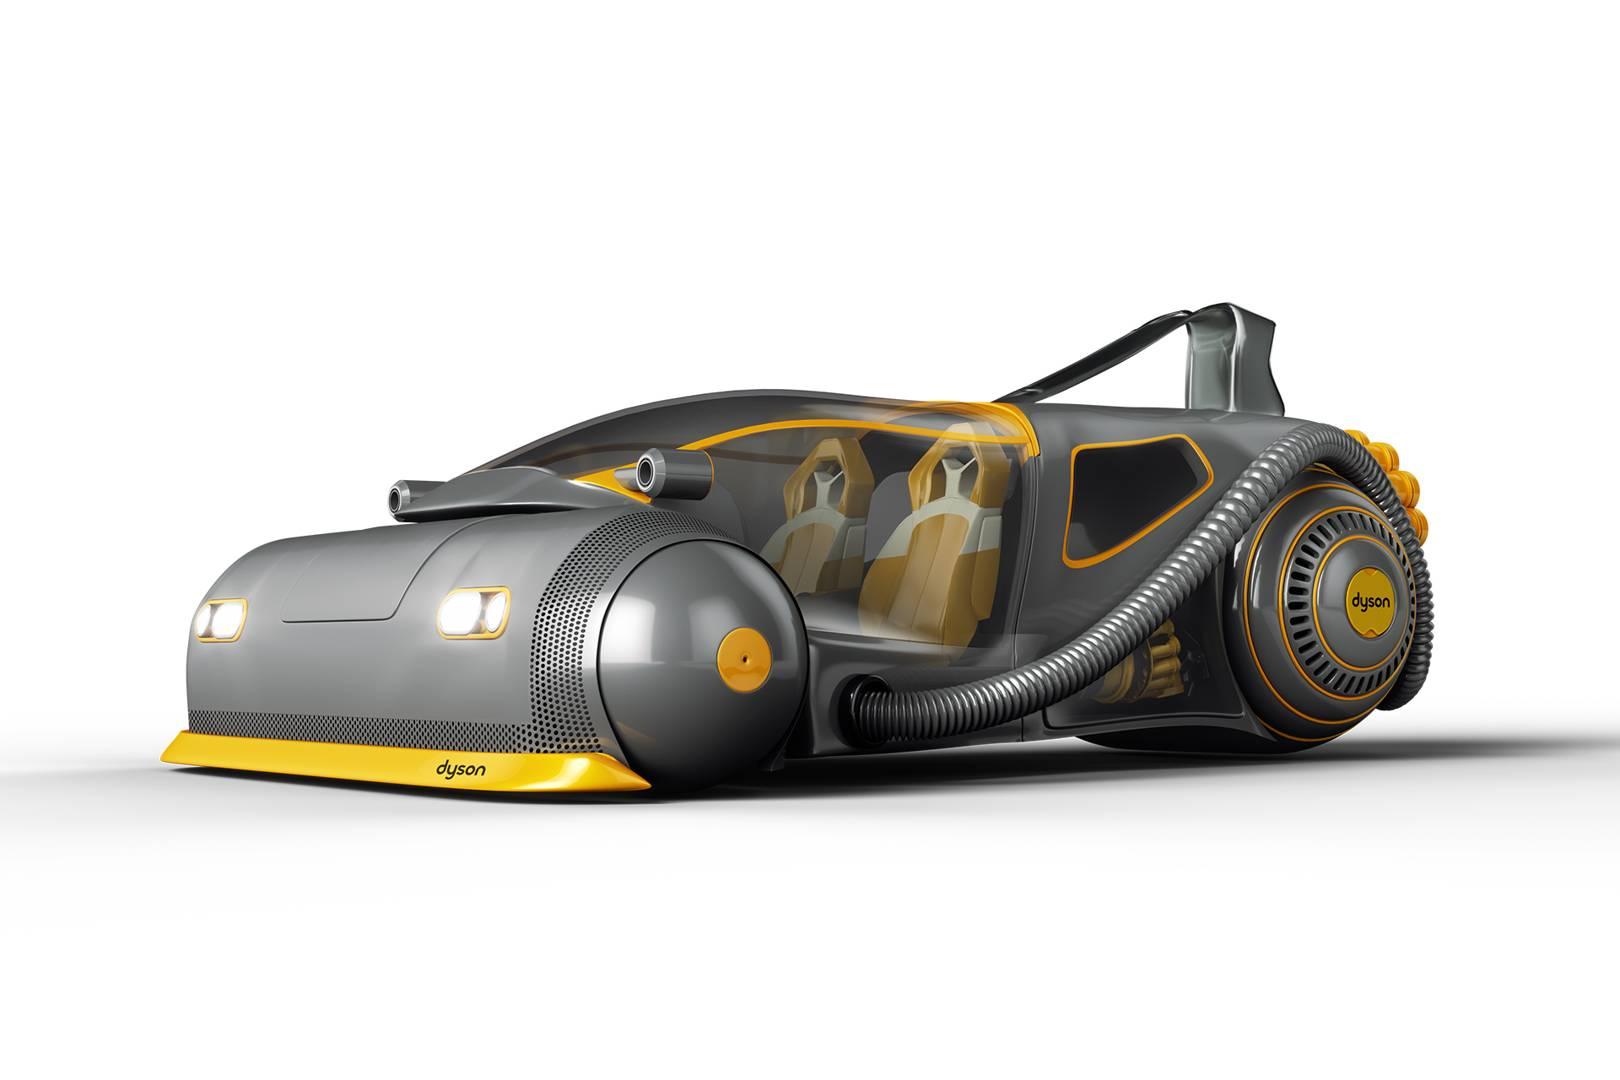 N'importe quoi: les aspirateurs Dyson préparent une voiture électrique